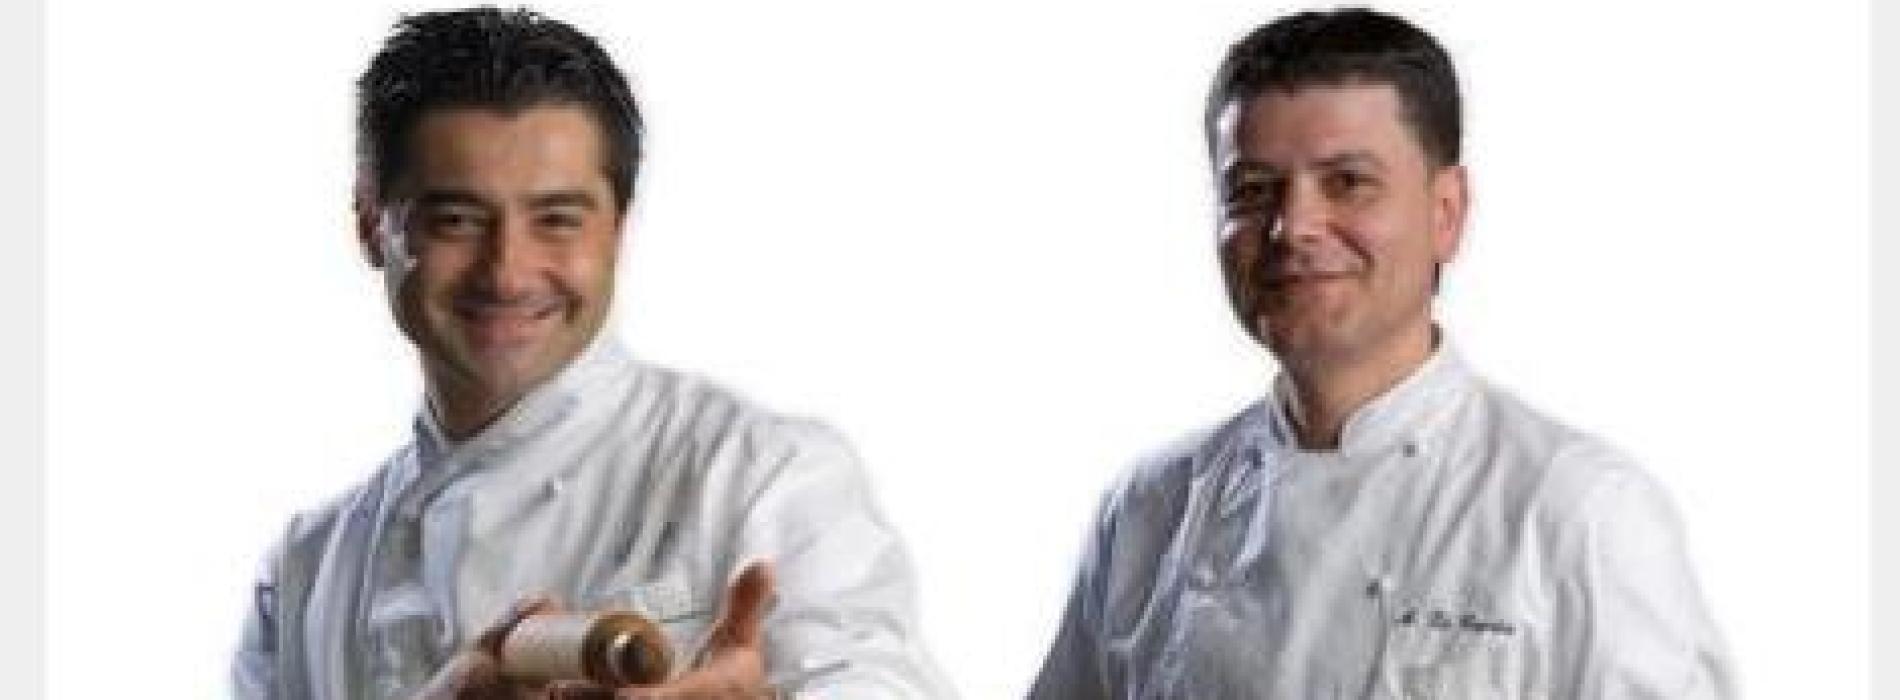 Venti anni di alta scuola di gastronomia, ecco Dolce & Salato